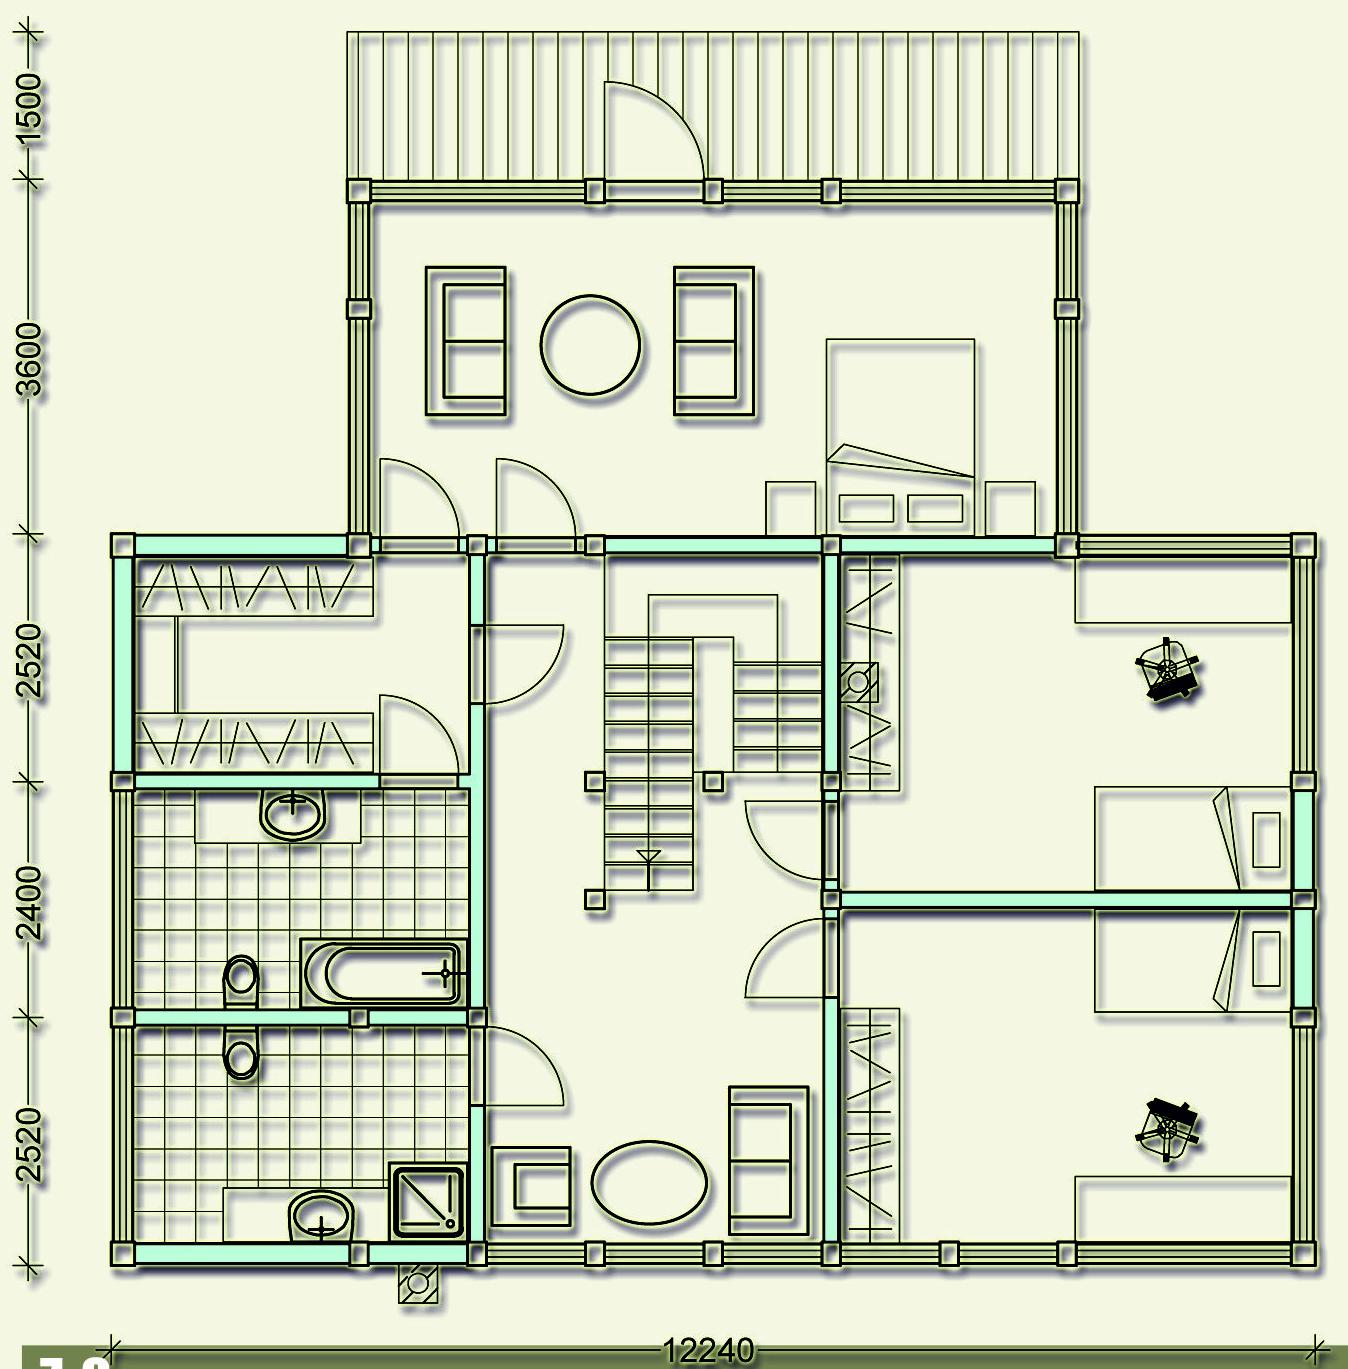 Проект фахверкового коттеджа MCF235 - план второго этажа